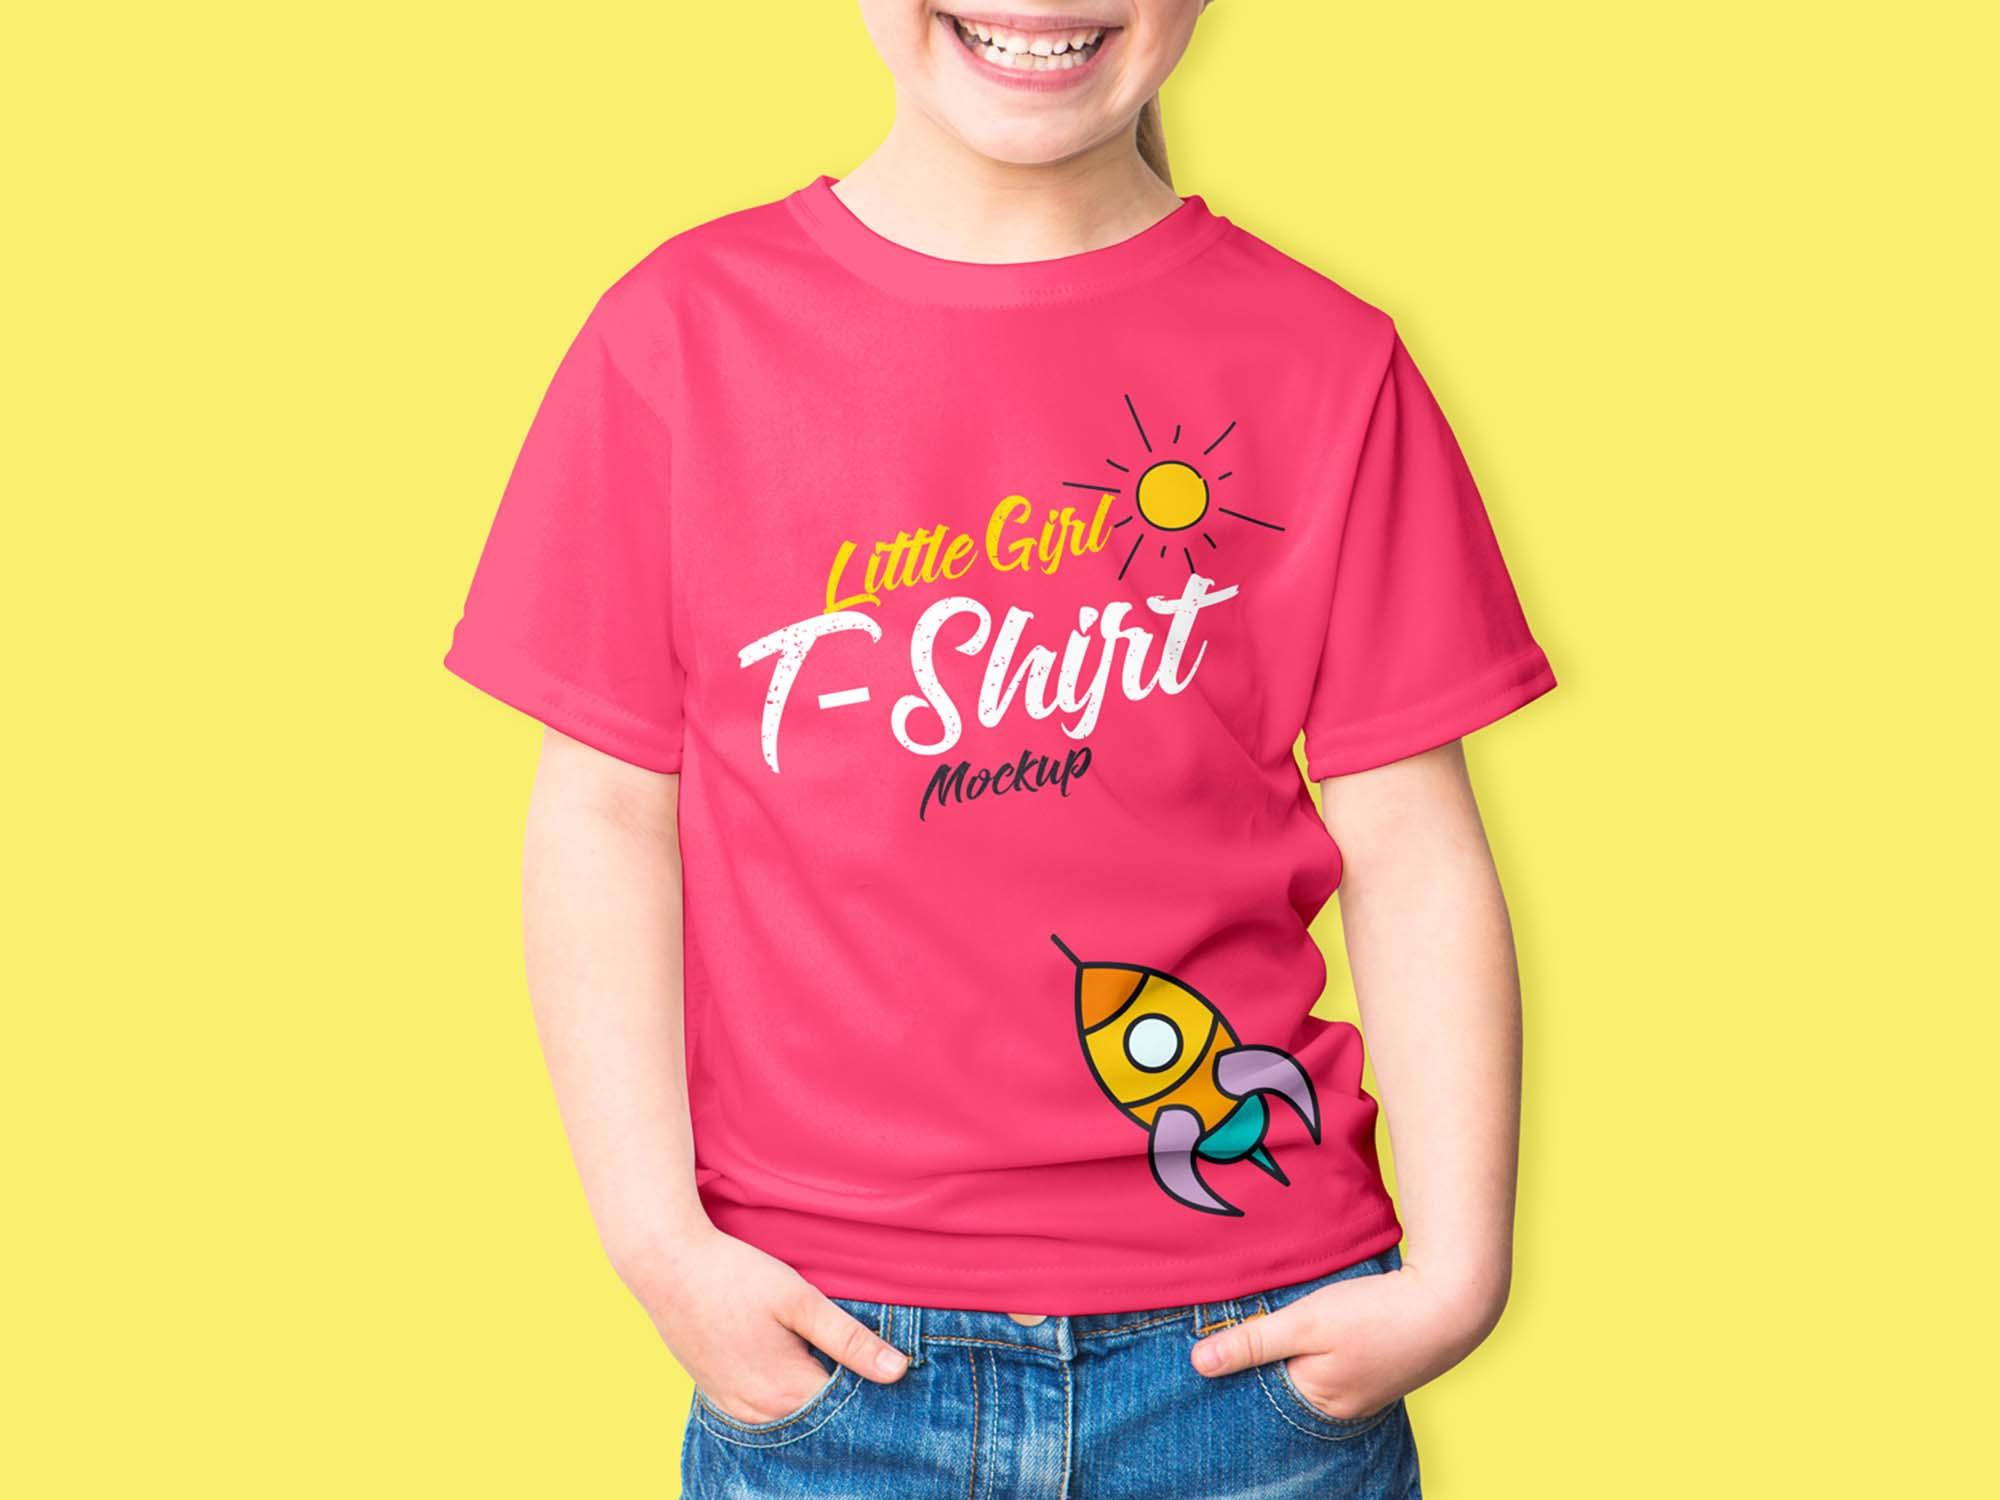 d09bdf063f111 Little Girl T-Shirt Mockup (PSD)